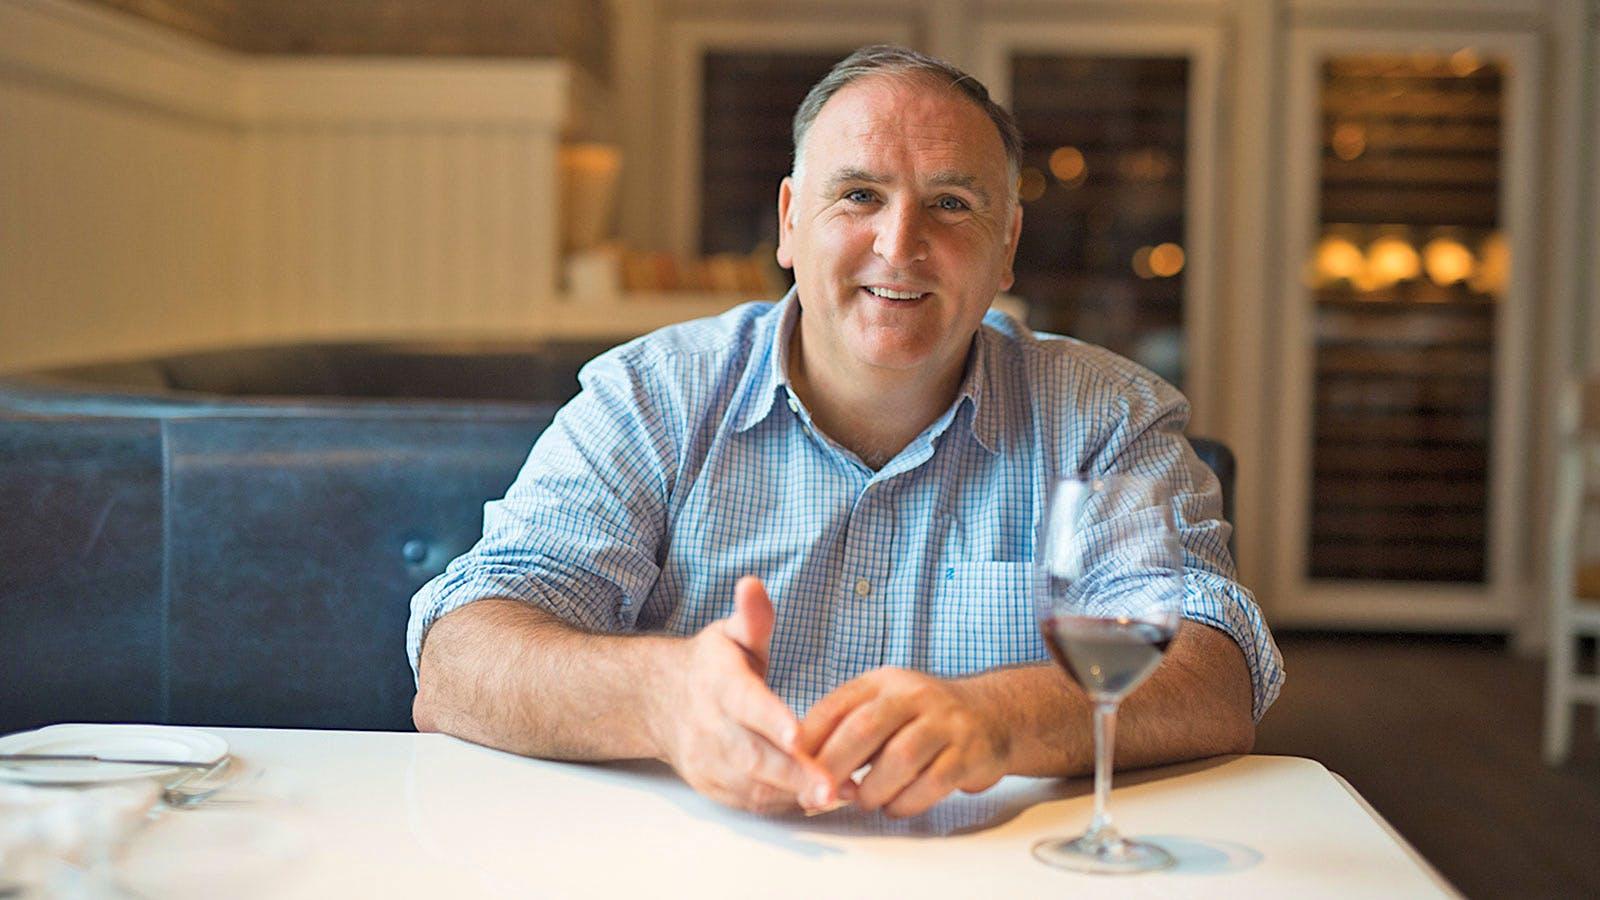 José Andrés Discusses a Way Back for Restaurants at Impact Seminar